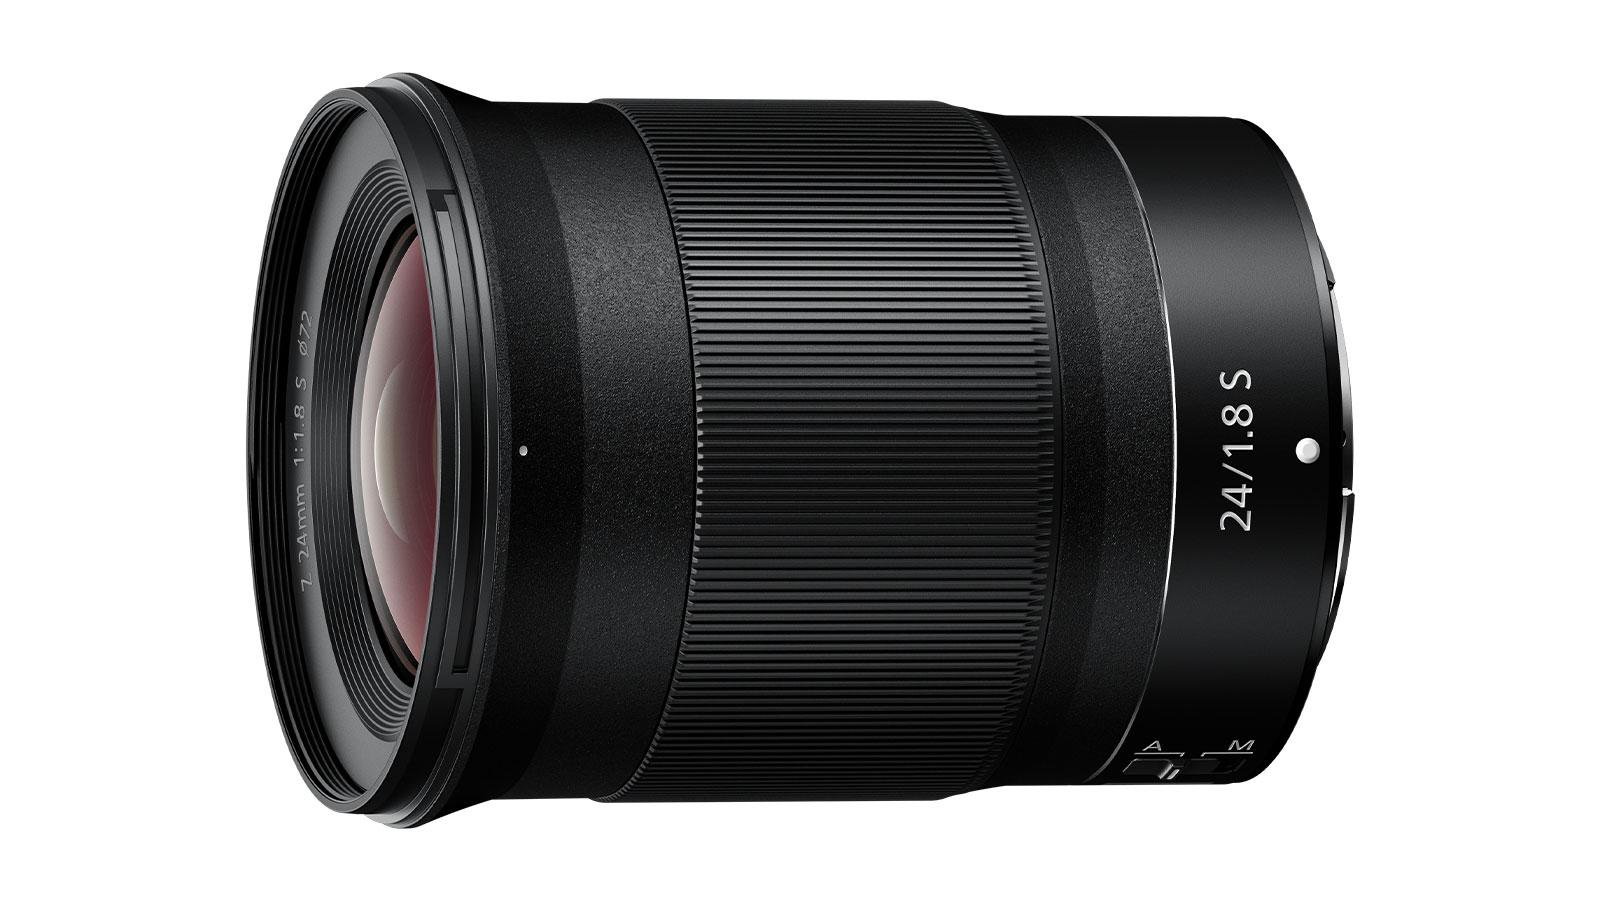 Nikon Announces D6, 120-300mm F2.8 Development Plus Z 24mm F1.8 S